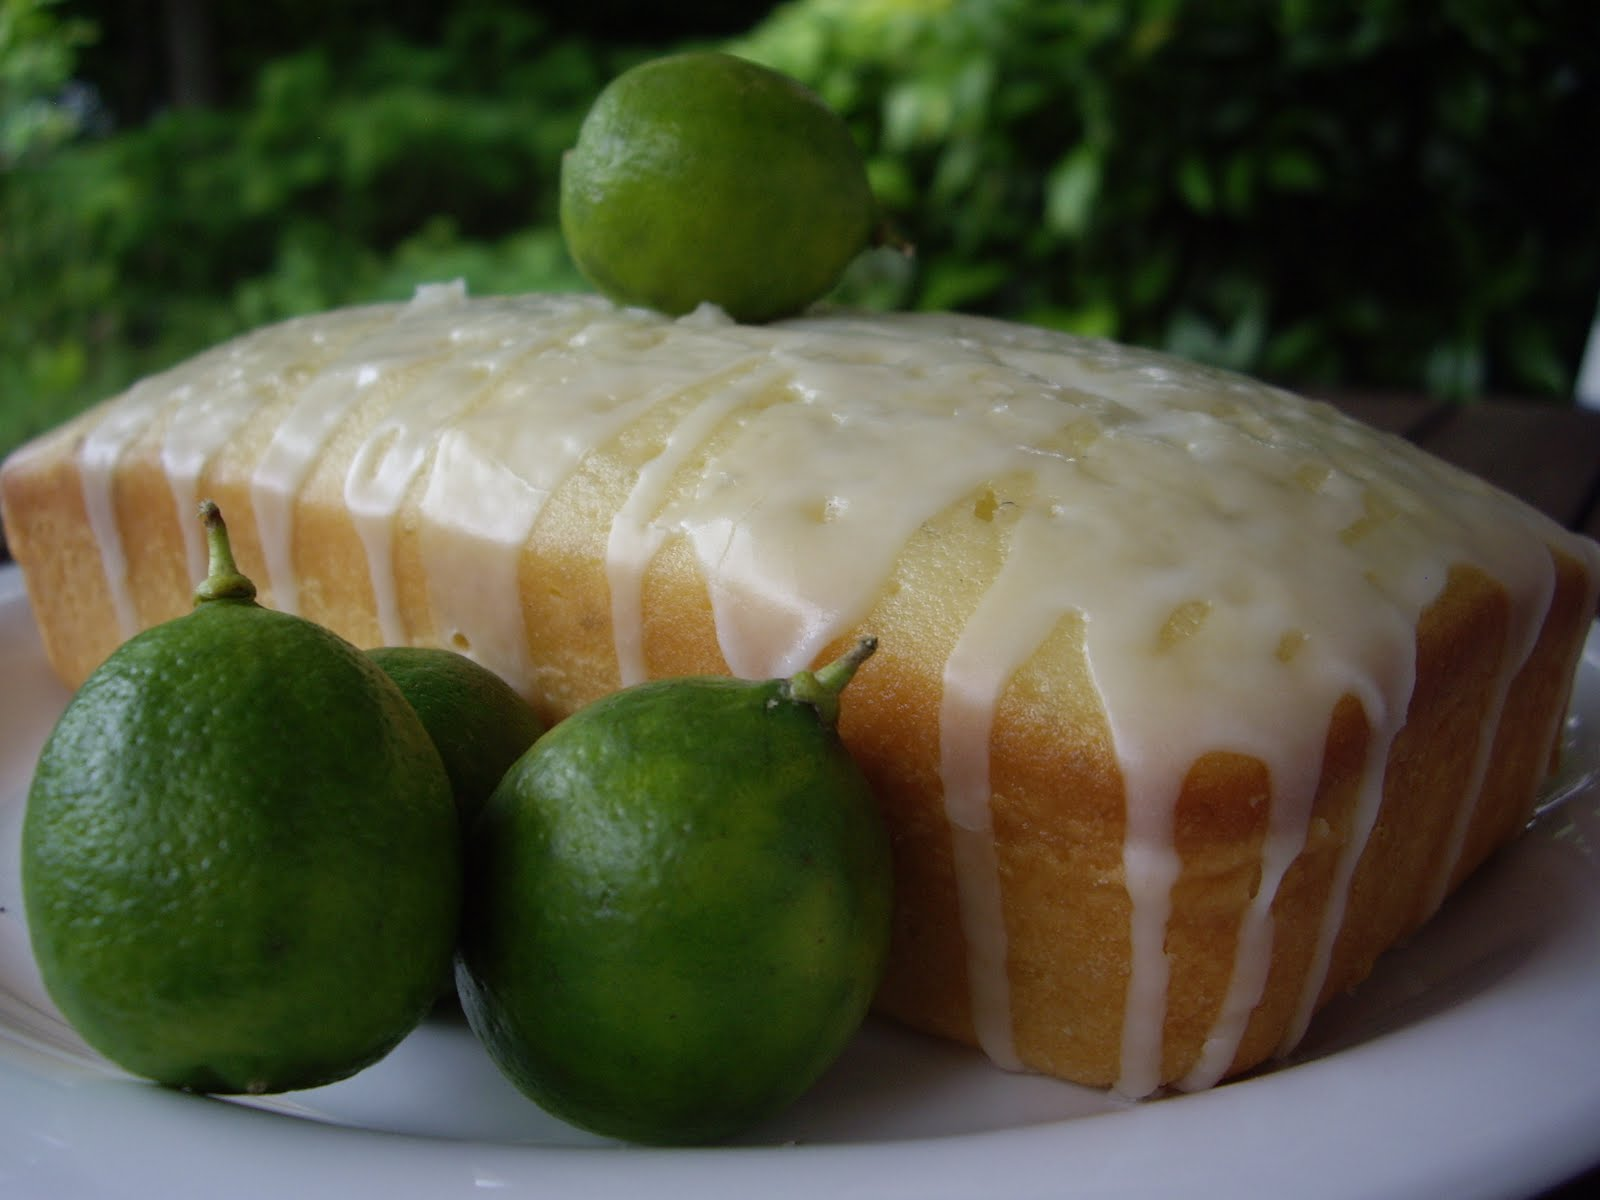 Sourdough Lemon Pound Cake